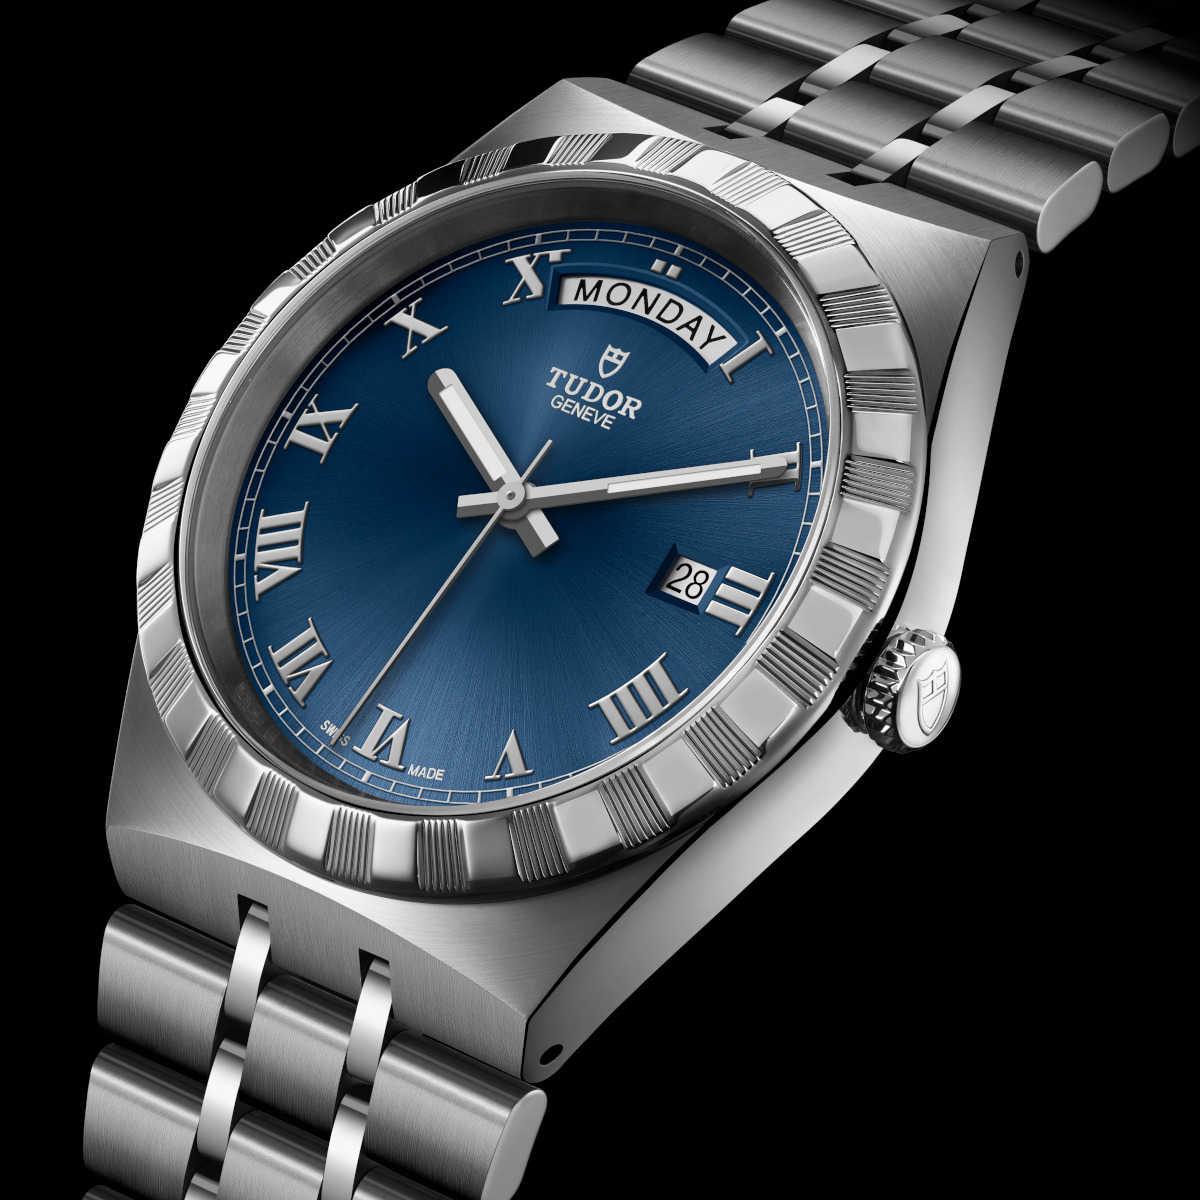 〈チューダー〉の新作は  気品を纏った大人のスポラグ時計!